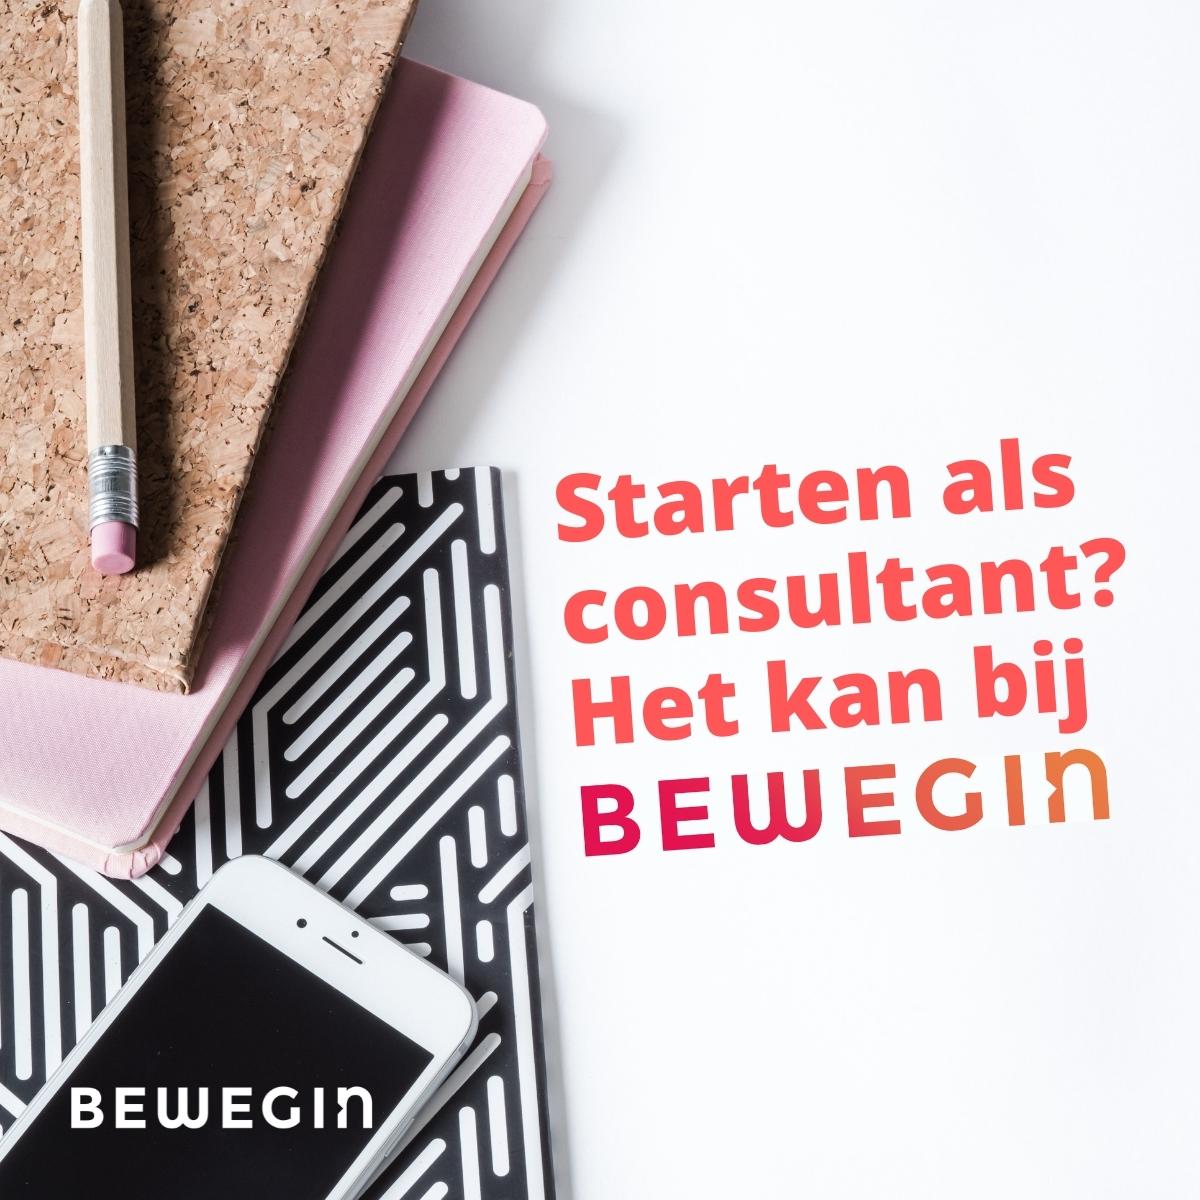 Starten als consultant: bij Bewegin kan het